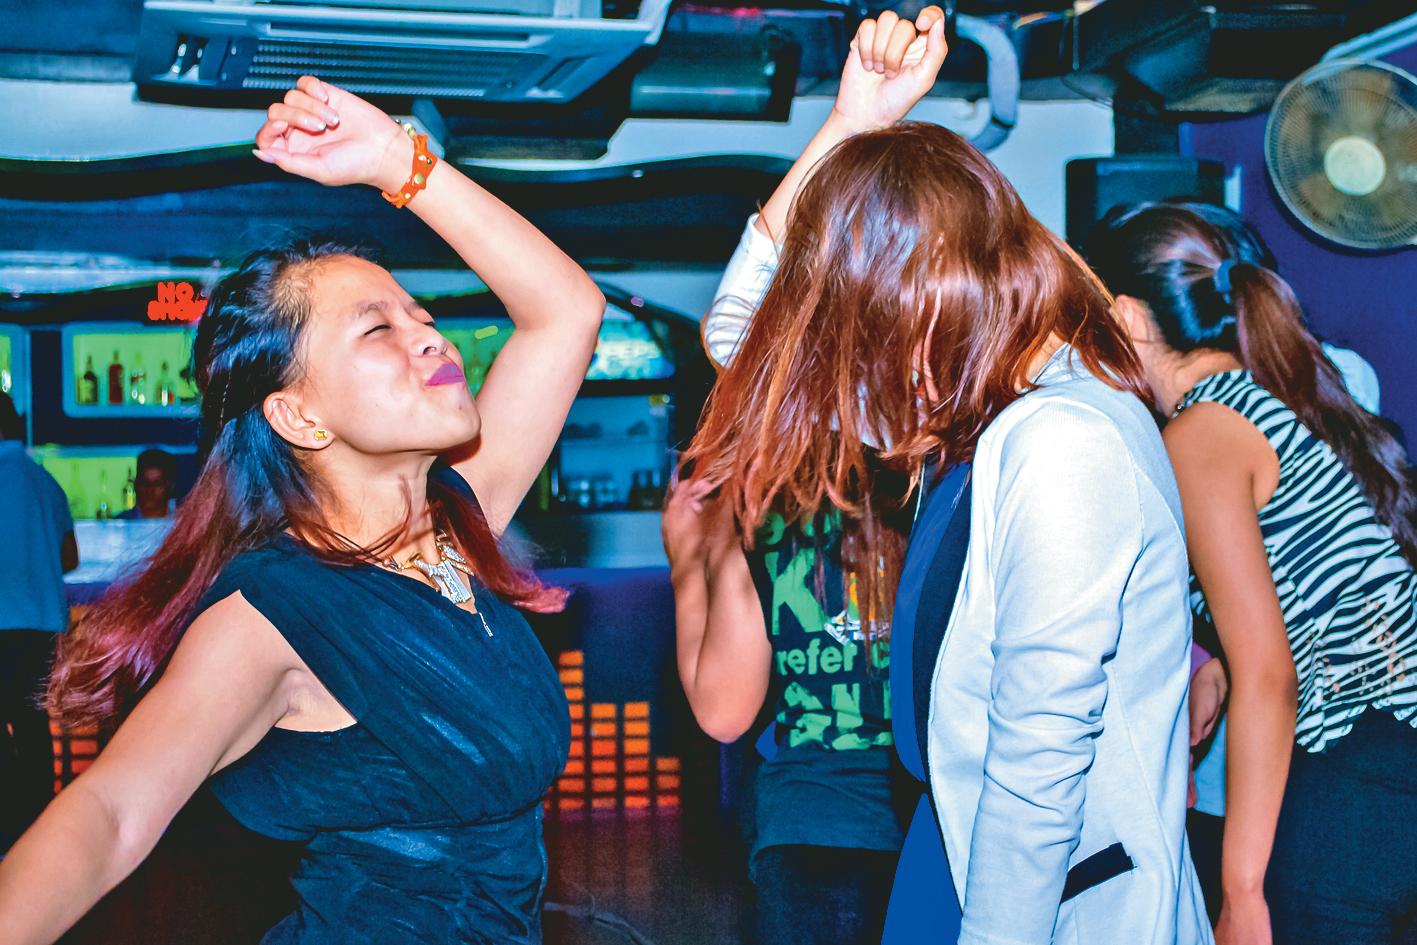 Dance mode full on